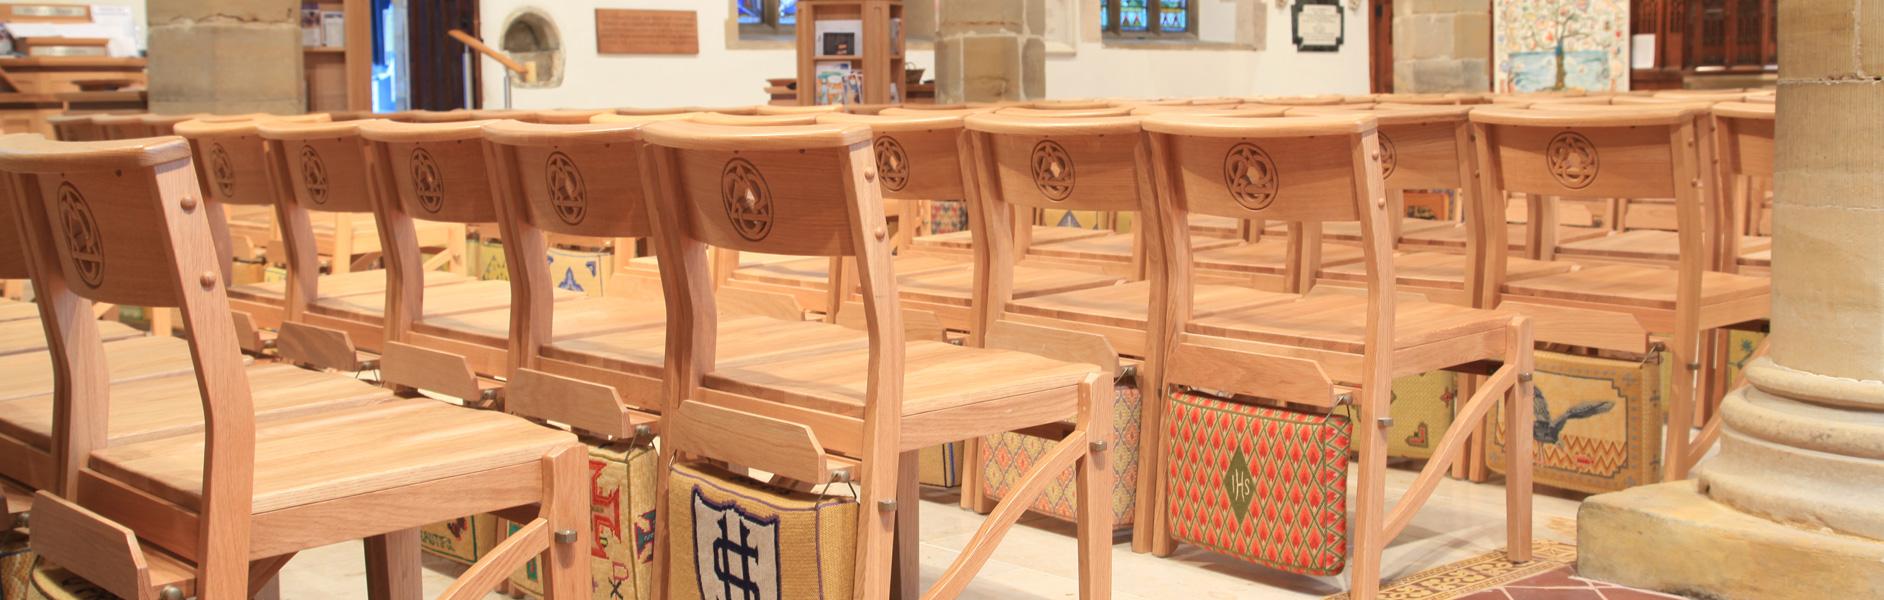 ICS seats in the Holy Trinity Church, Cuckfield